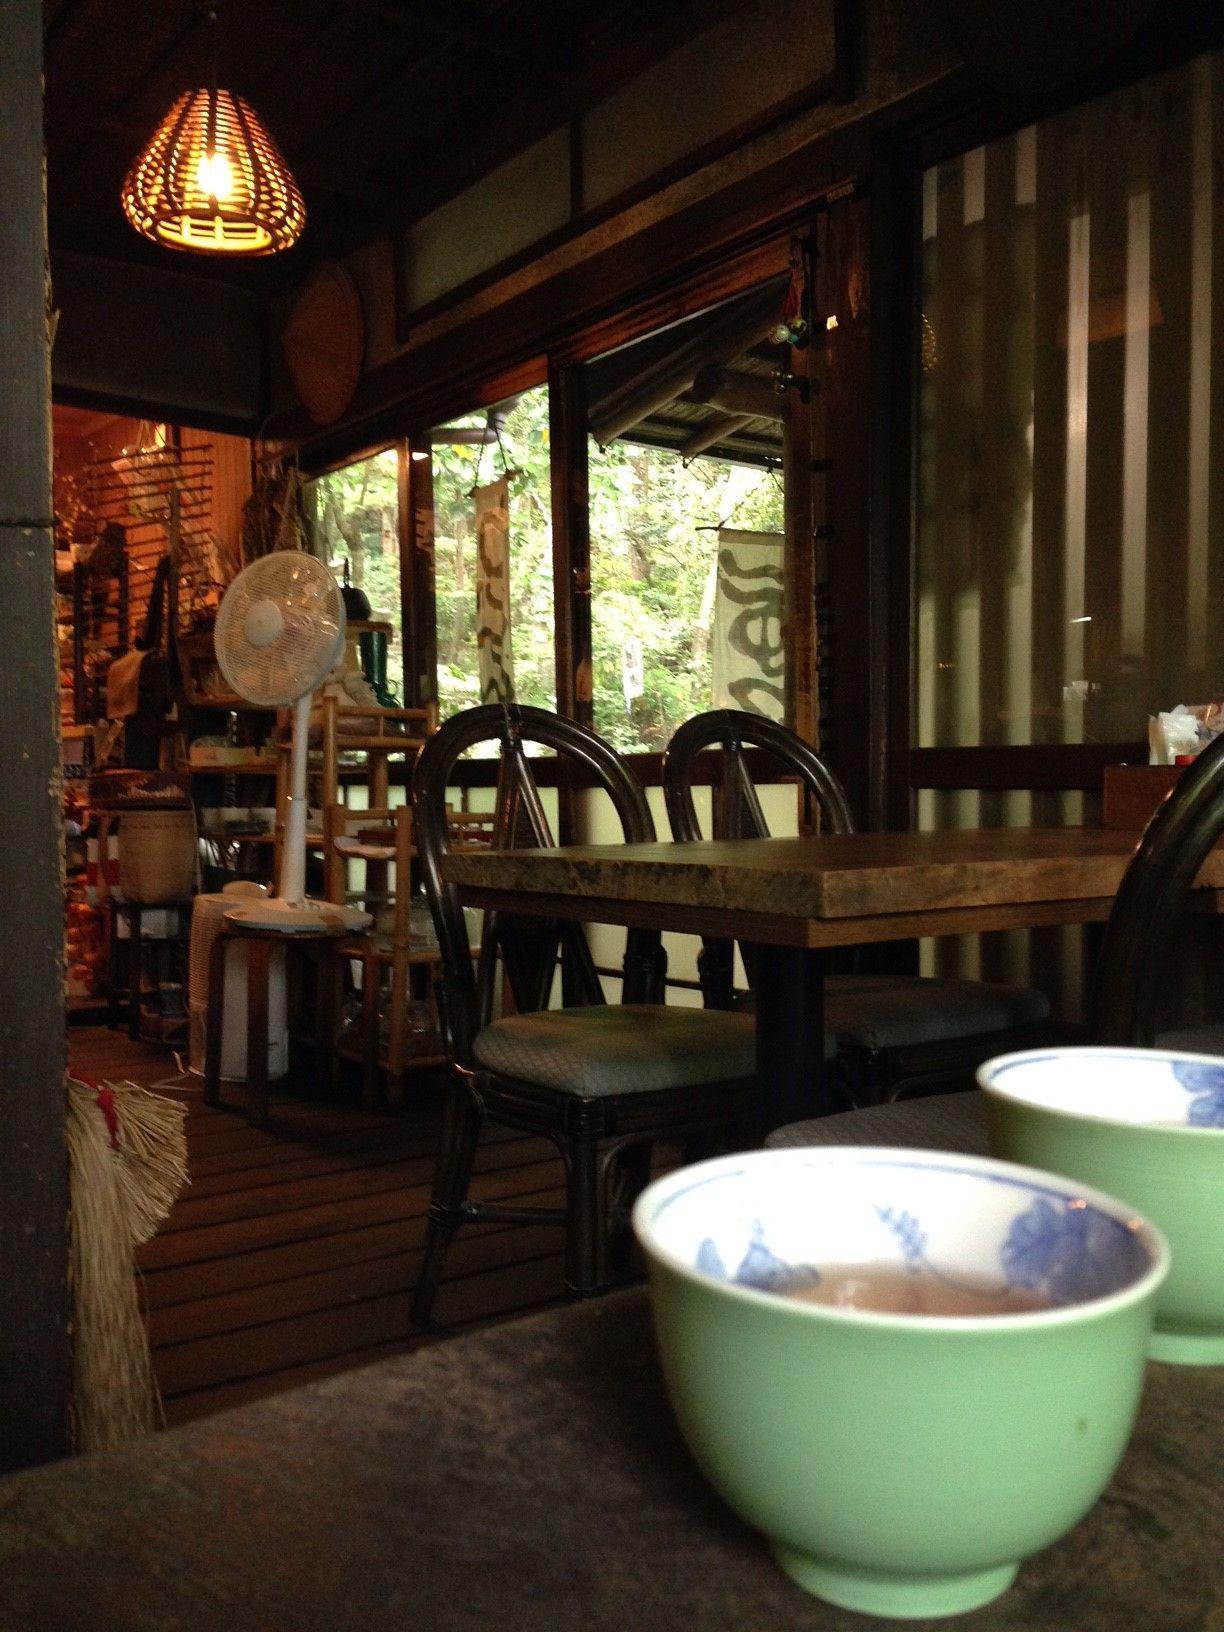 木陰の茶房「空点庵」では珍しいモリアオガエルを見ることができます